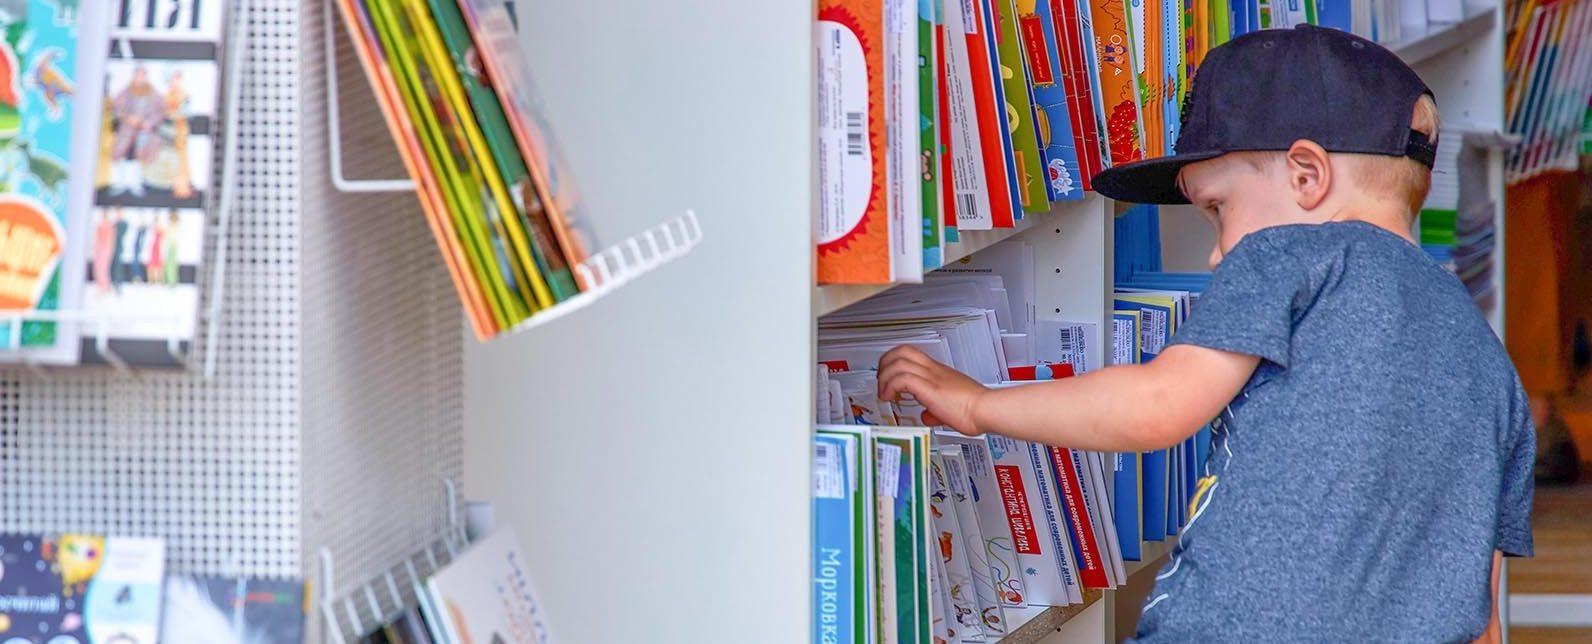 Как влияет чтение фантастики на детей обсудят в Российской детской библиотеке. Фото: сайт мэра Москвы